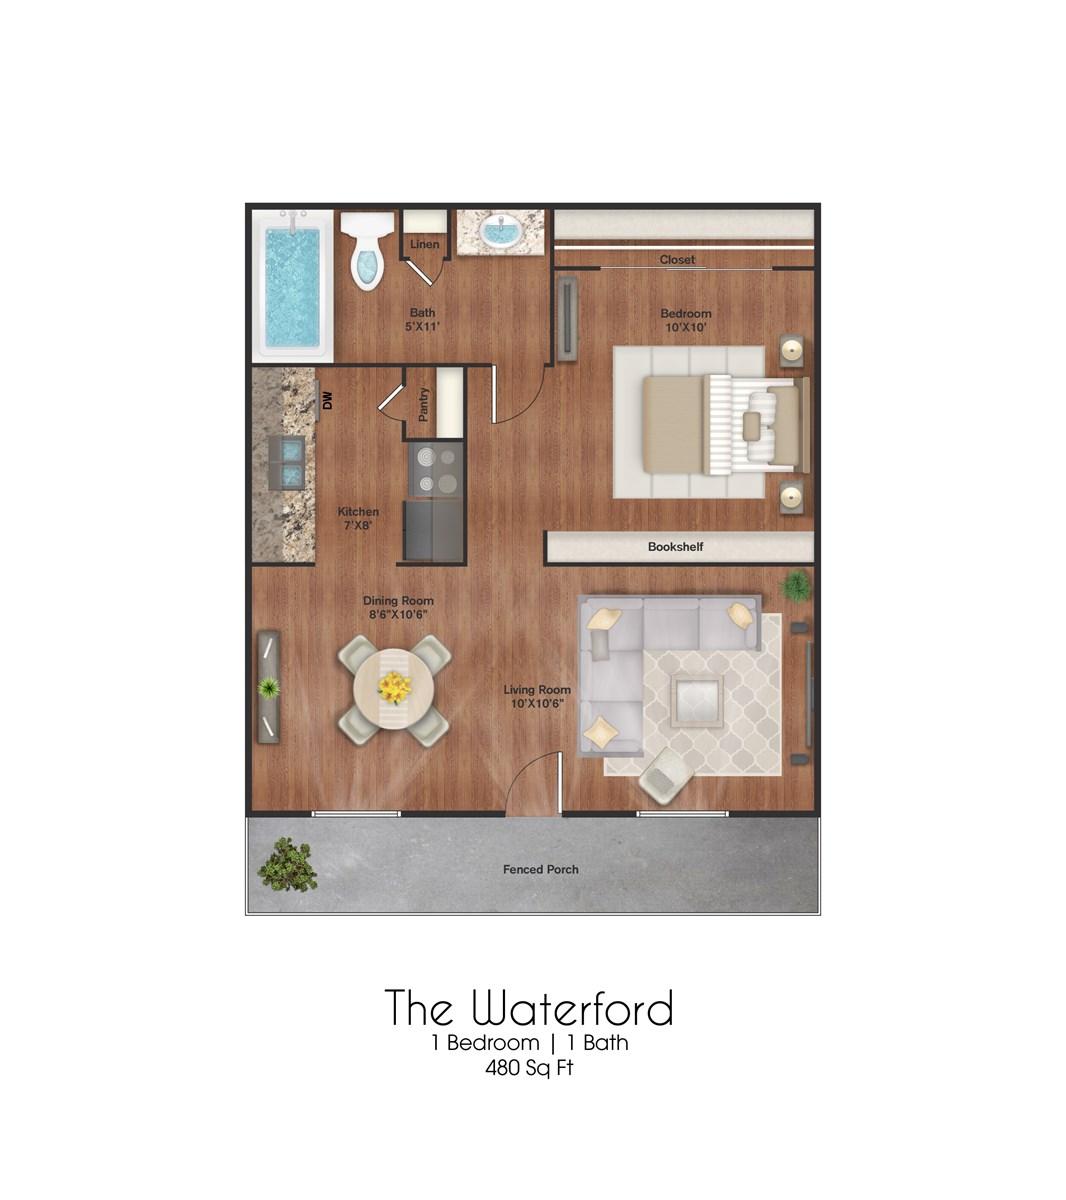 480 sq. ft. Waterford floor plan